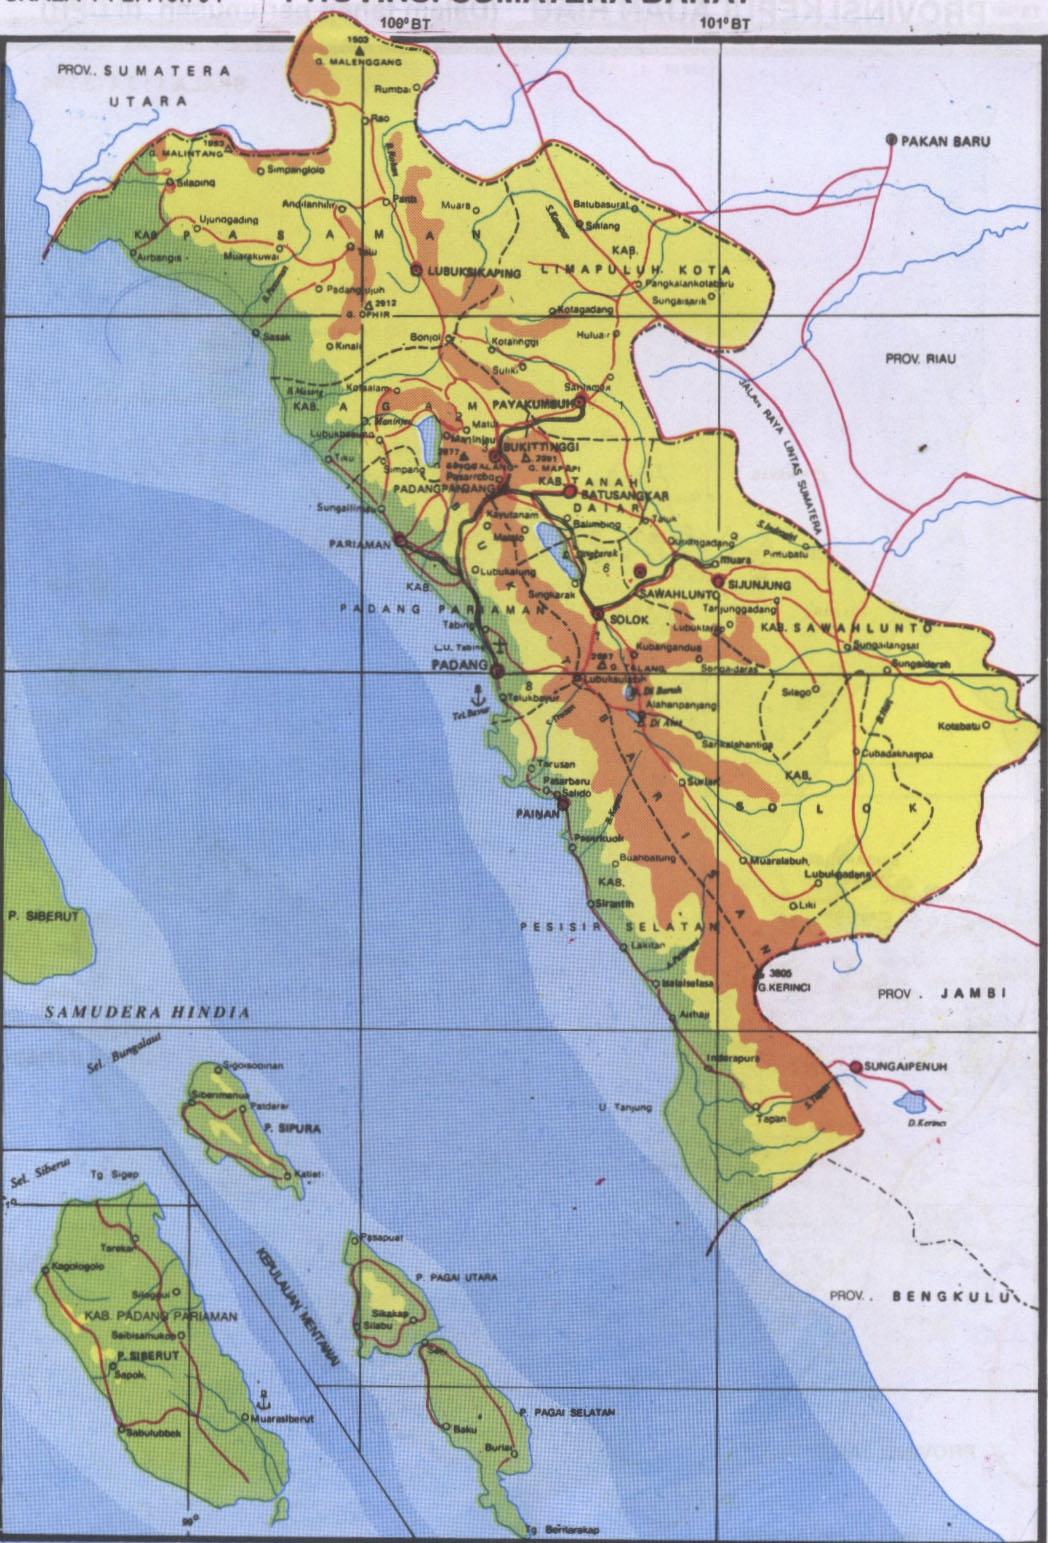 Peta Kota: Peta Provinsi Sumatera Barat